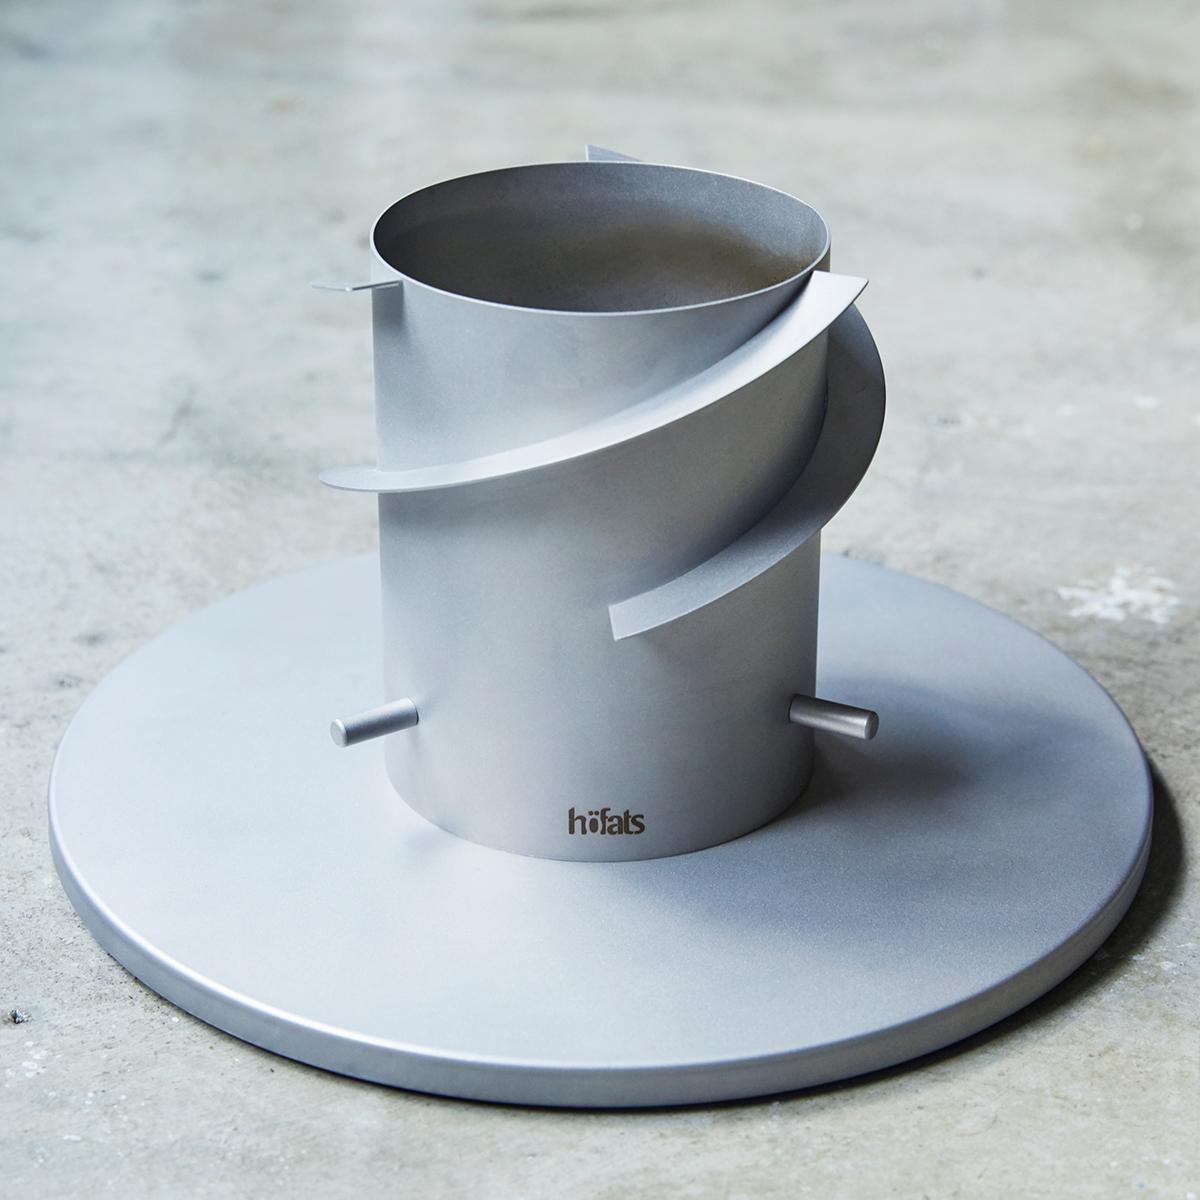 「SPIN」は炎の熱により、この空気の上昇を加速させながら、さらに気流を回転させるよう土台の空気取り入れ口にスリットを設けています。「テーブルランタン&ガーデントーチ」|Hofats SPIN(ホーファッツ スピン)